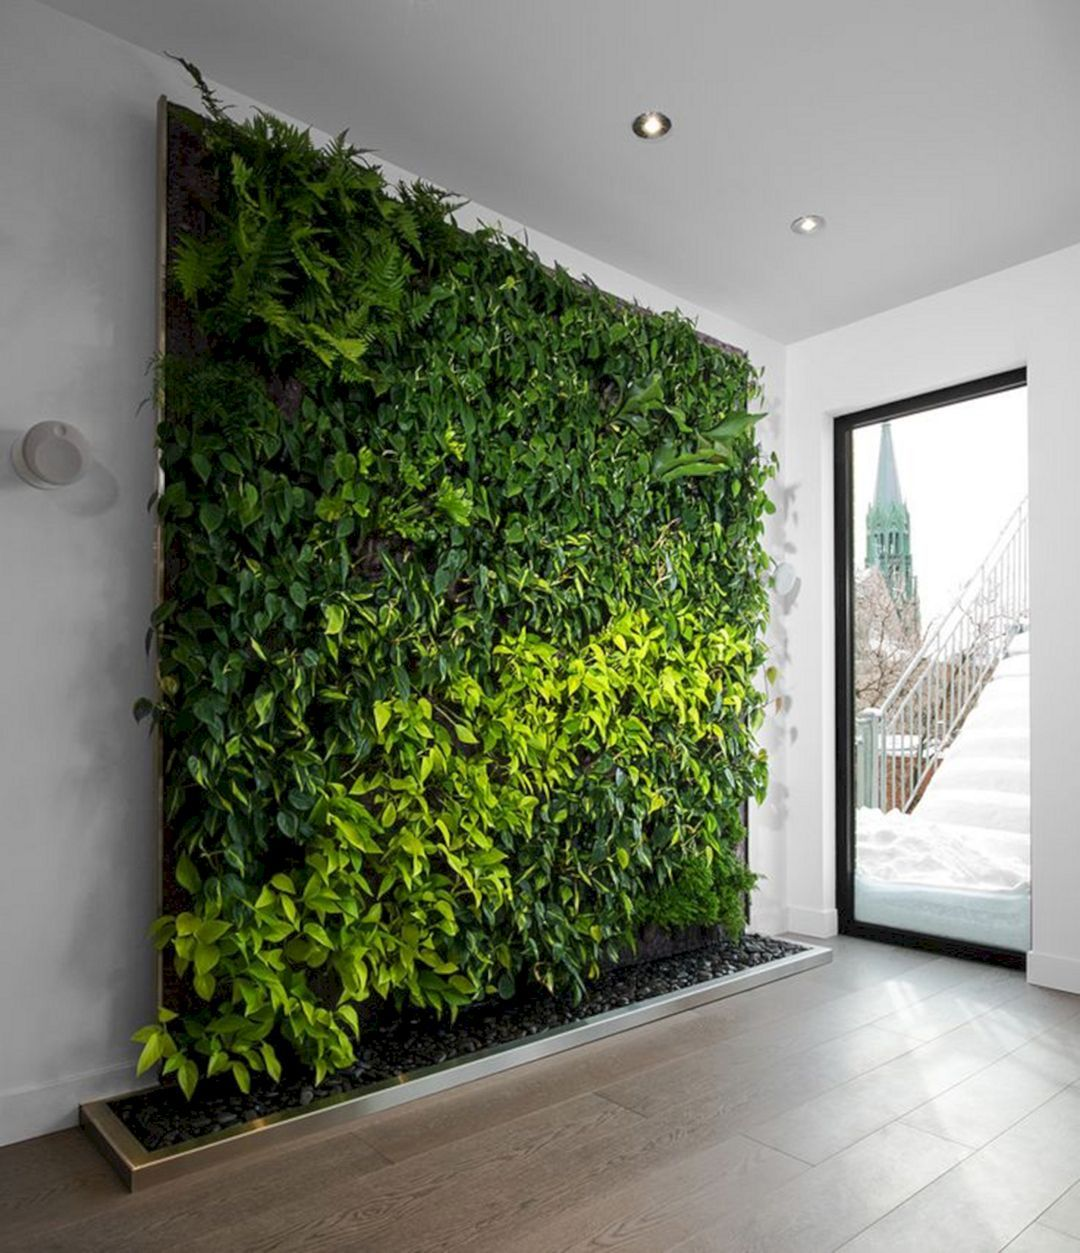 12 Minimalist Indoor Garden Design Inspiration You Should Try Decor It S Vertical Garden Indoor Green Wall Garden Minimalist Garden